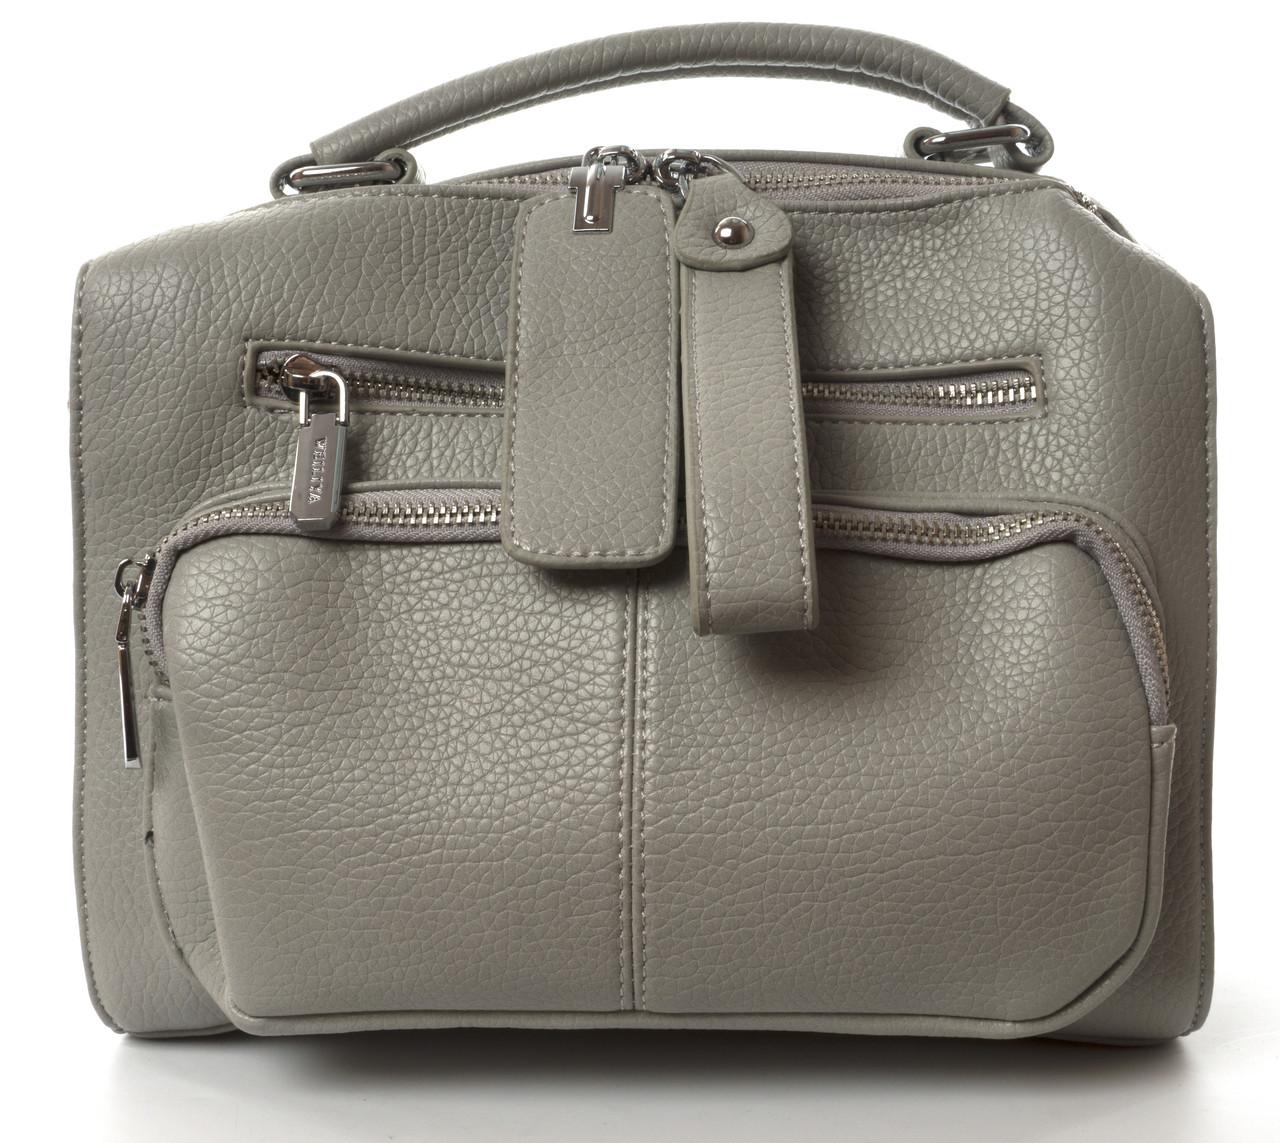 Аккуратная прочная женская сумочка с очень качественного заменителя WEILIYA art. F9061